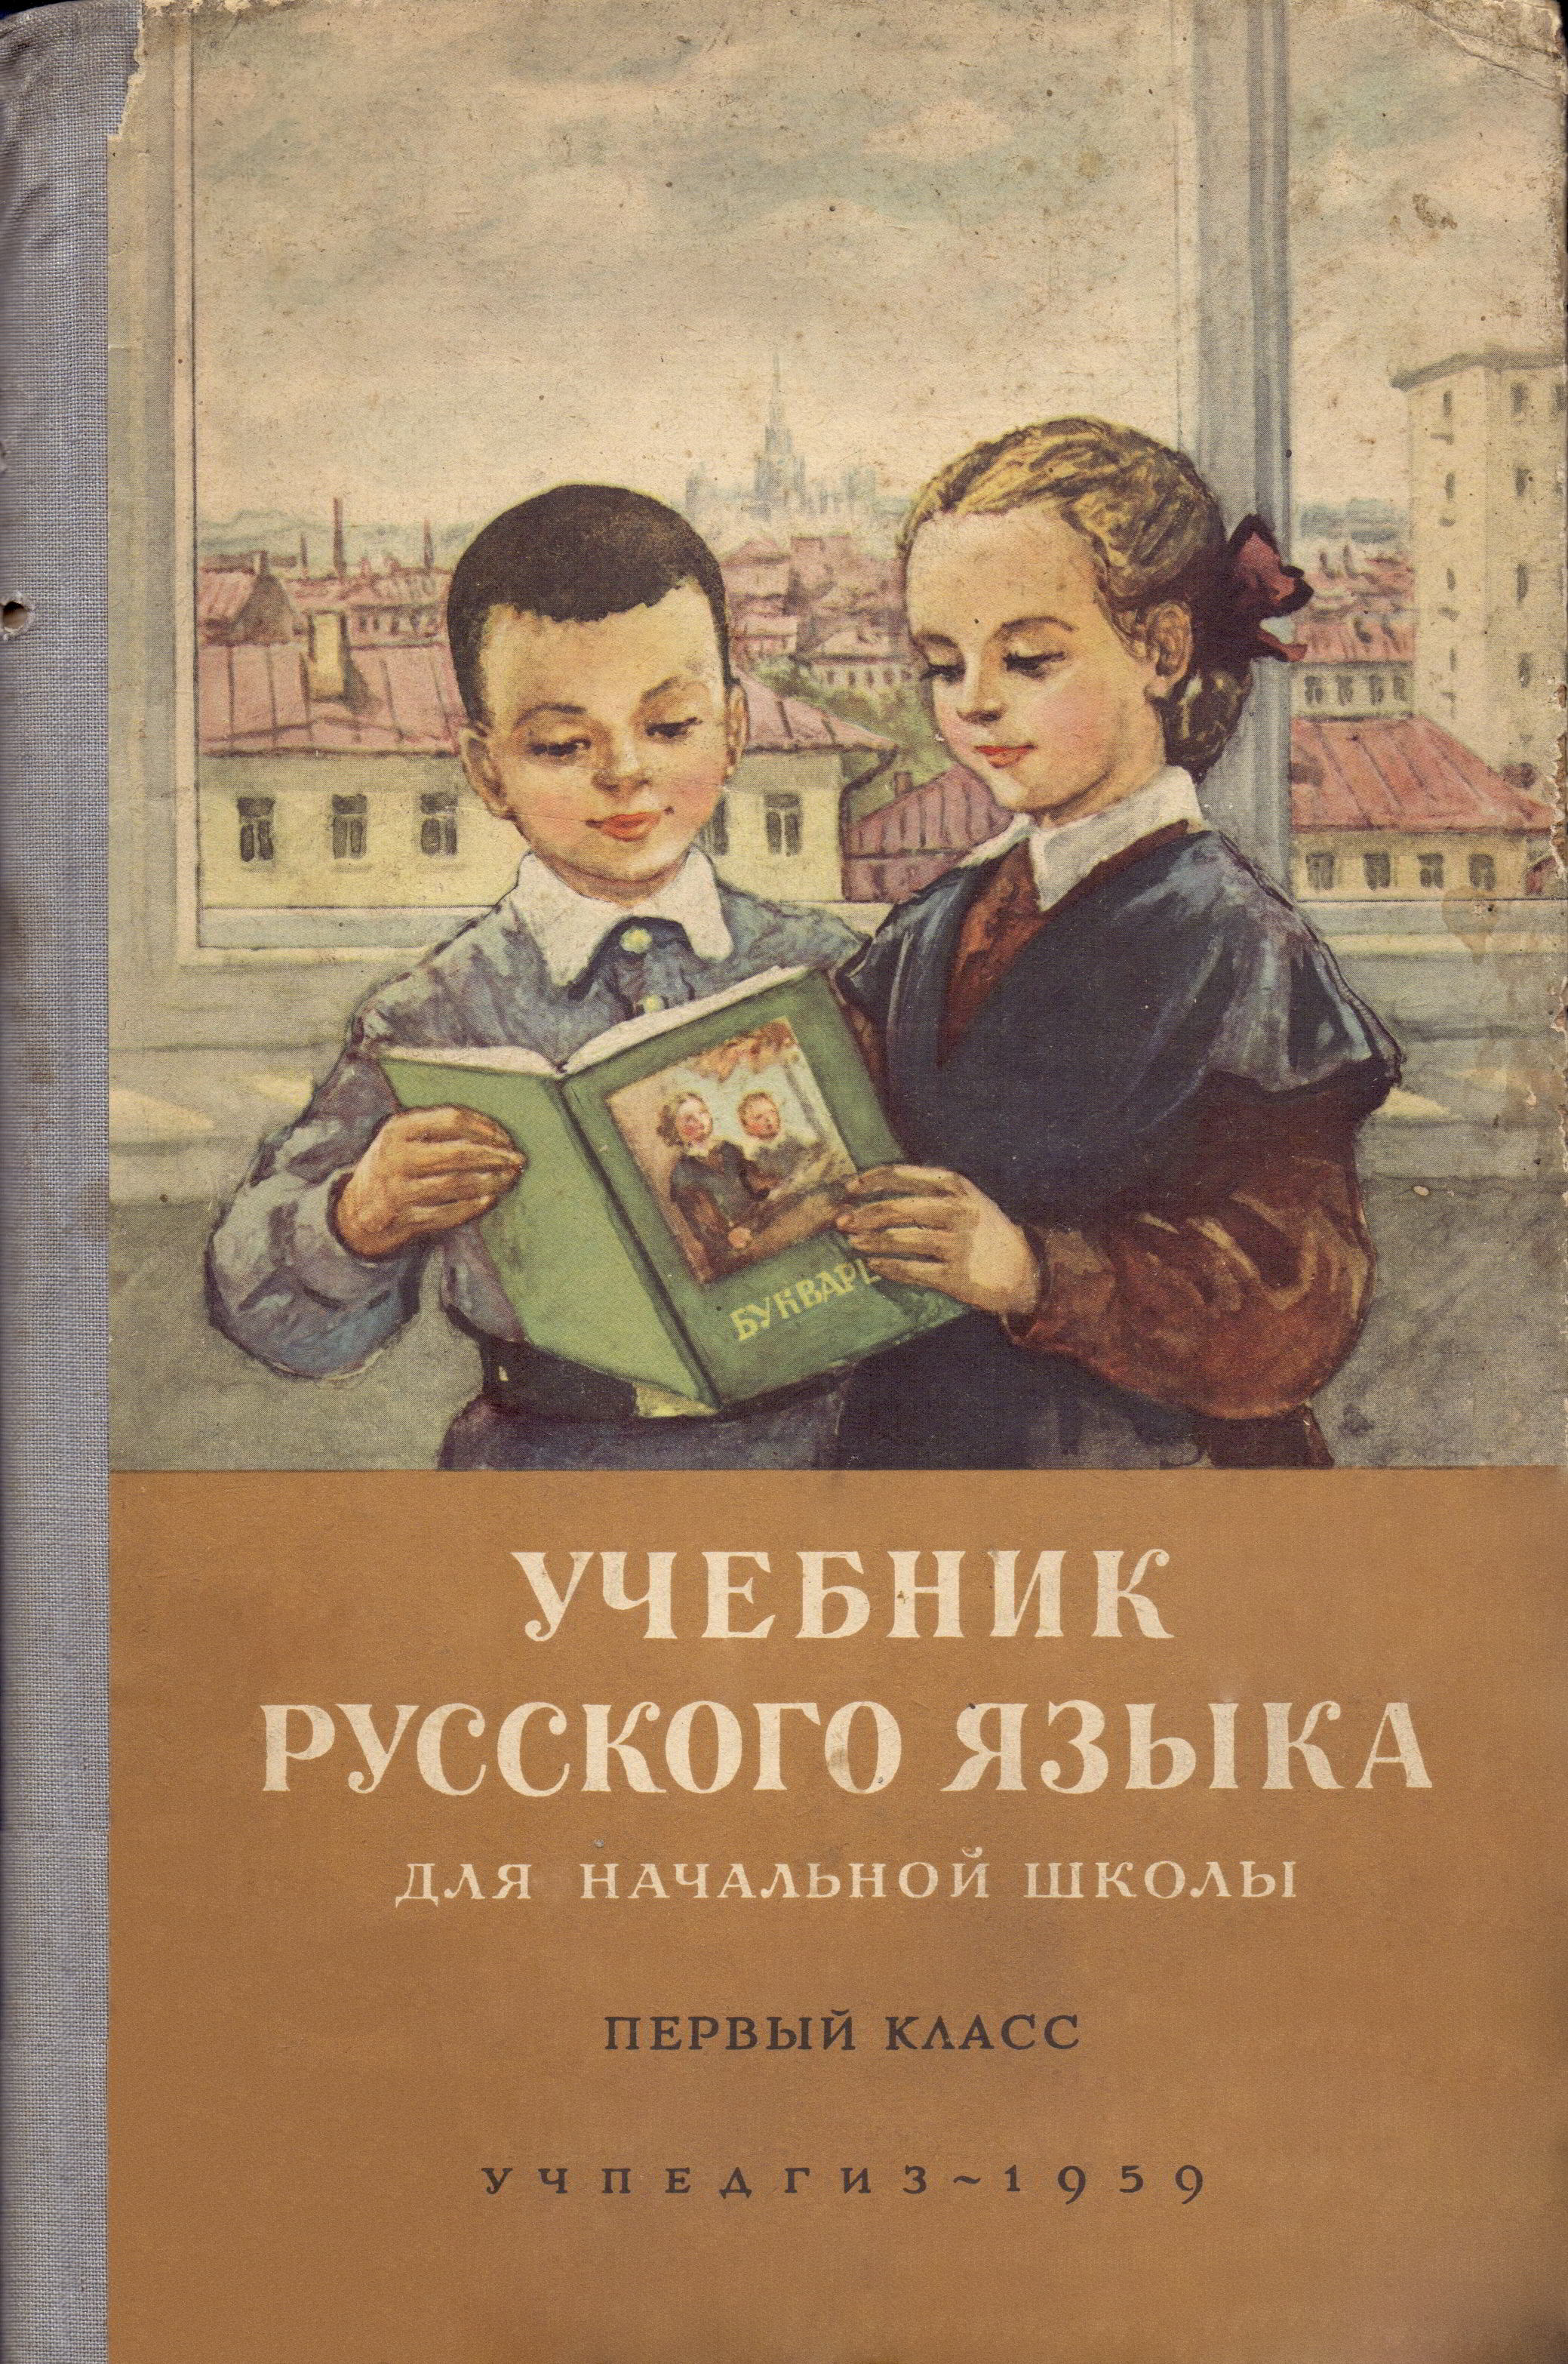 Скачать советский учебник букварь 1959 года